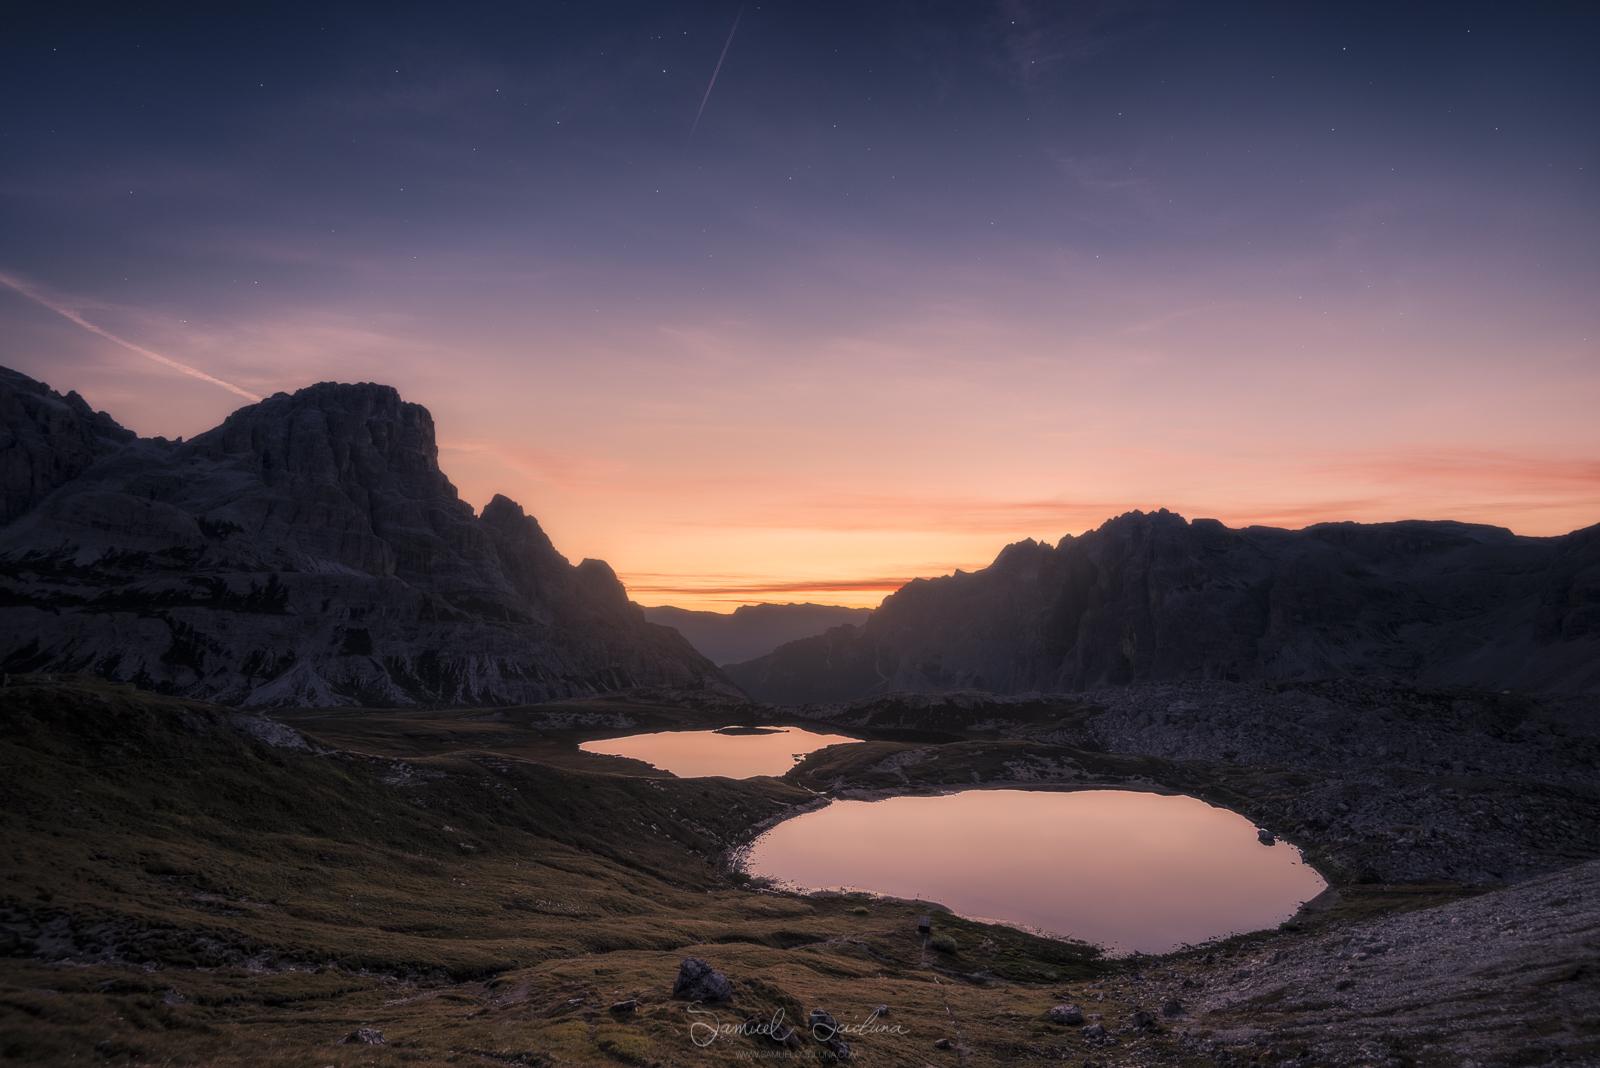 The 'Laghi del Piani' near Monte Paterno before sunrise.